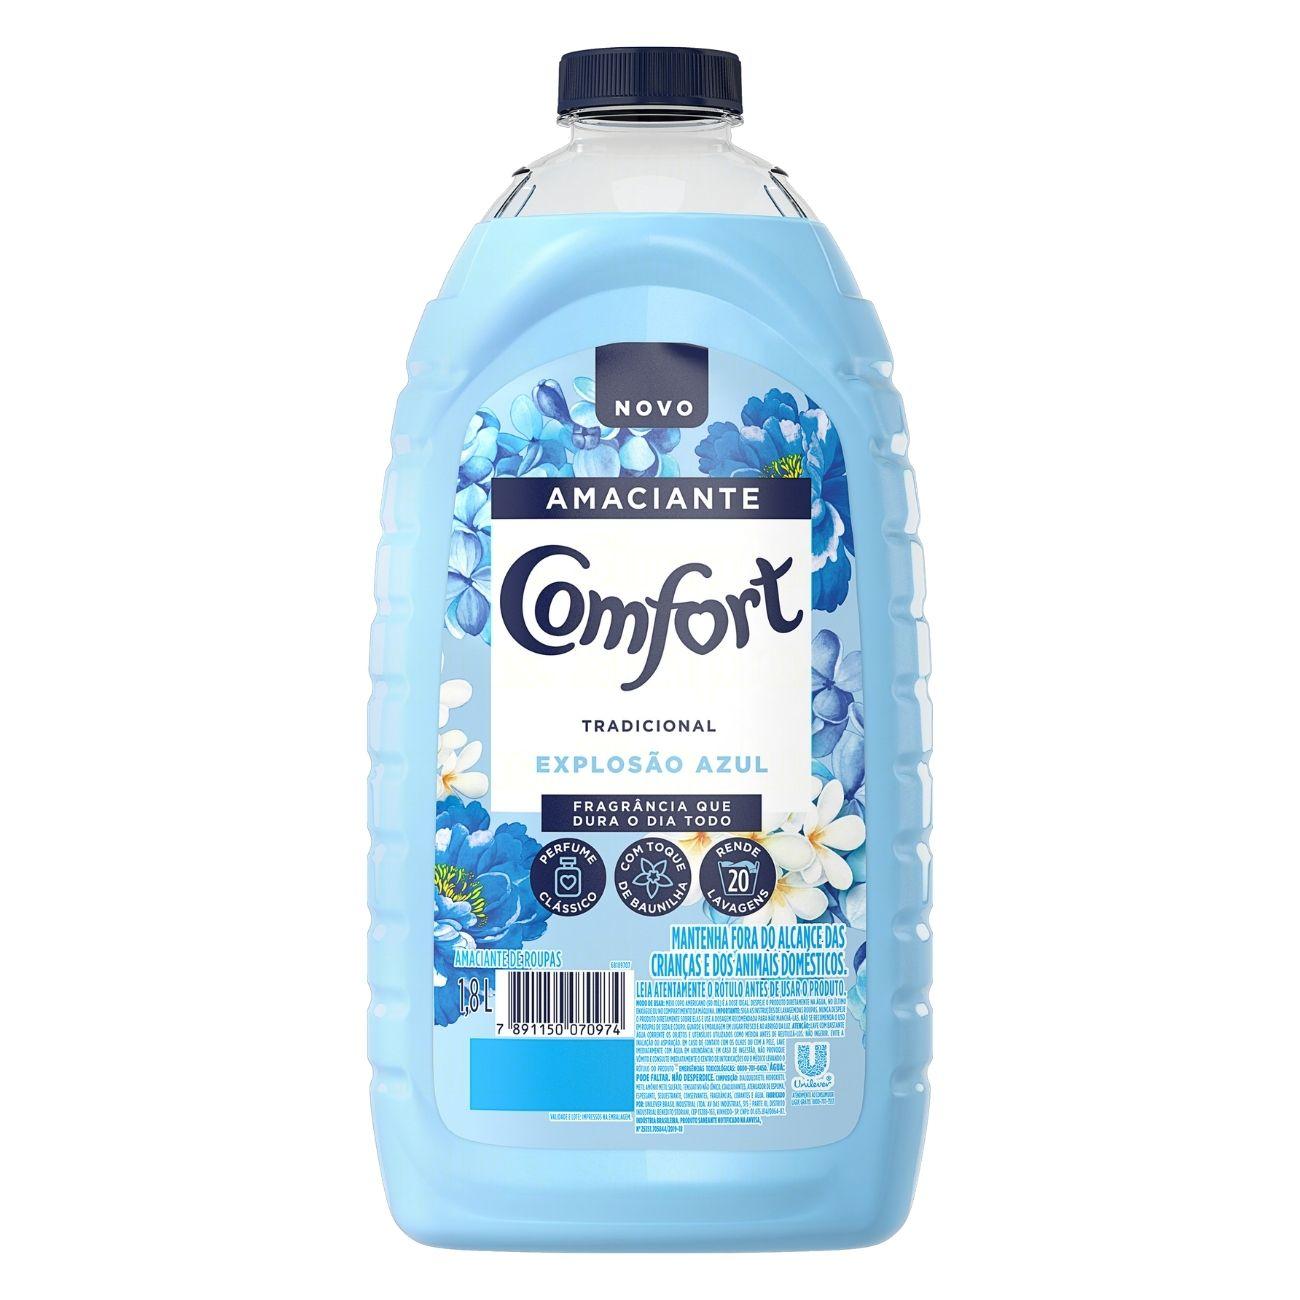 Amaciante Comfort Explosao Azul 1,8l